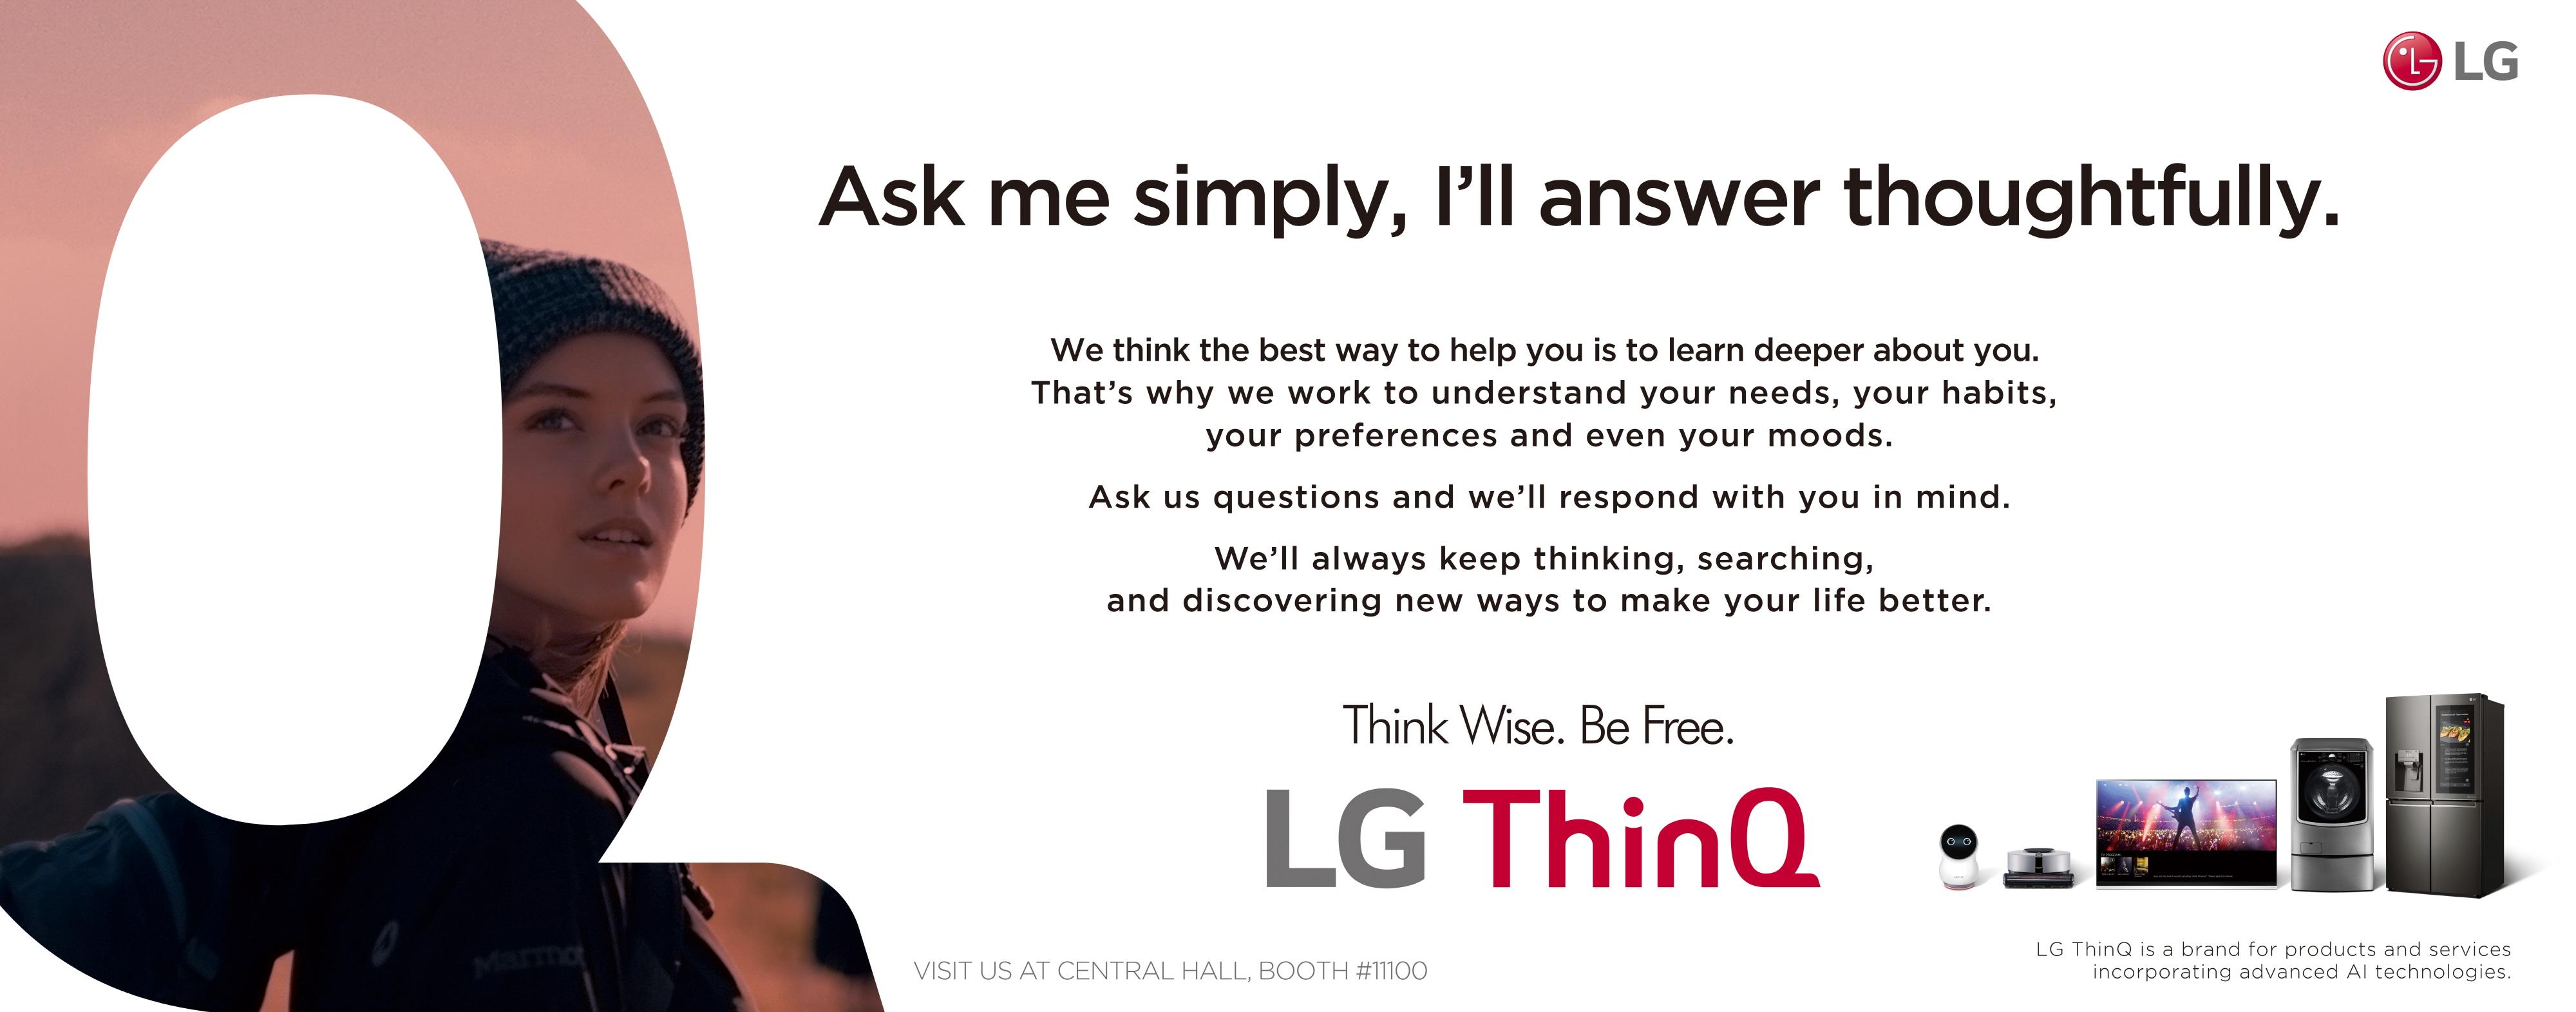 LG전자가 새로워진 인공지능 'LG 씽큐(LG ThinQ)'를 통해 그 동안 경험하지 못했던 기대 이상의 인공지능을 보여주며 고객들의 삶의 질을 한층 높인다. LG전자는 내달 8일 개막하는 CES 2019에서 「LG 씽큐 AI 존」을 대거 구성해 새로워진 LG 씽큐를 선보일 예정이다. 사진은 LG전자가 CES 2019에서 선보일 LG 씽큐 옥외광고